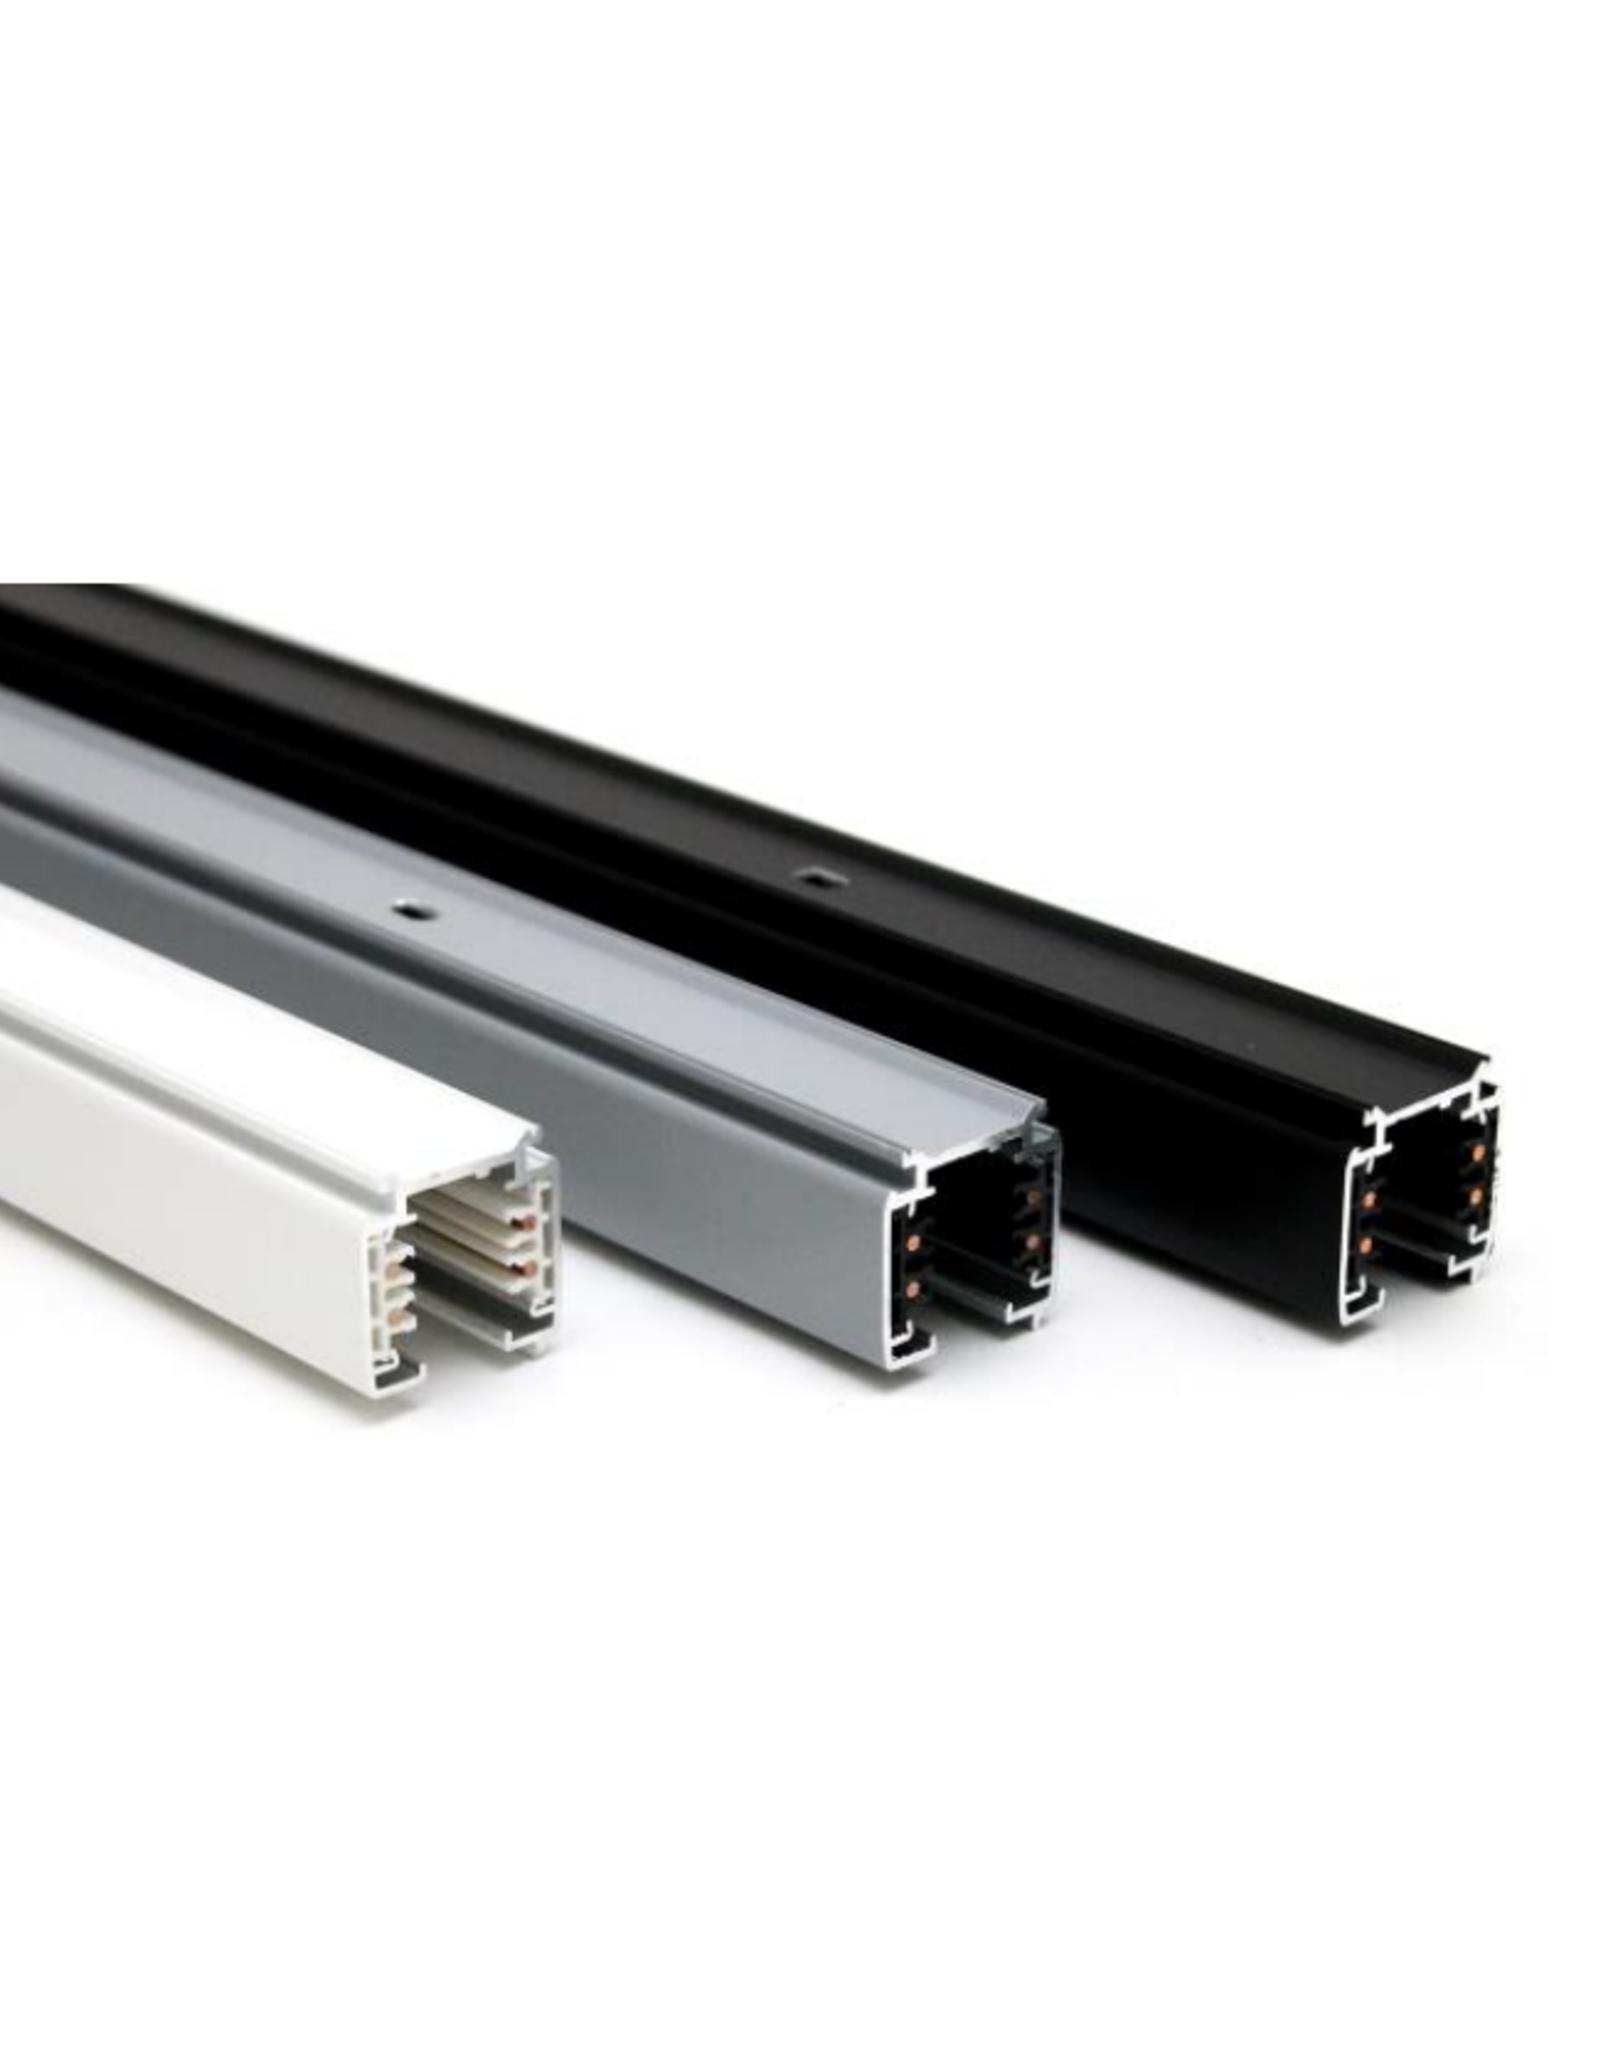 LED Tracklight - Tracklight Rail 2m